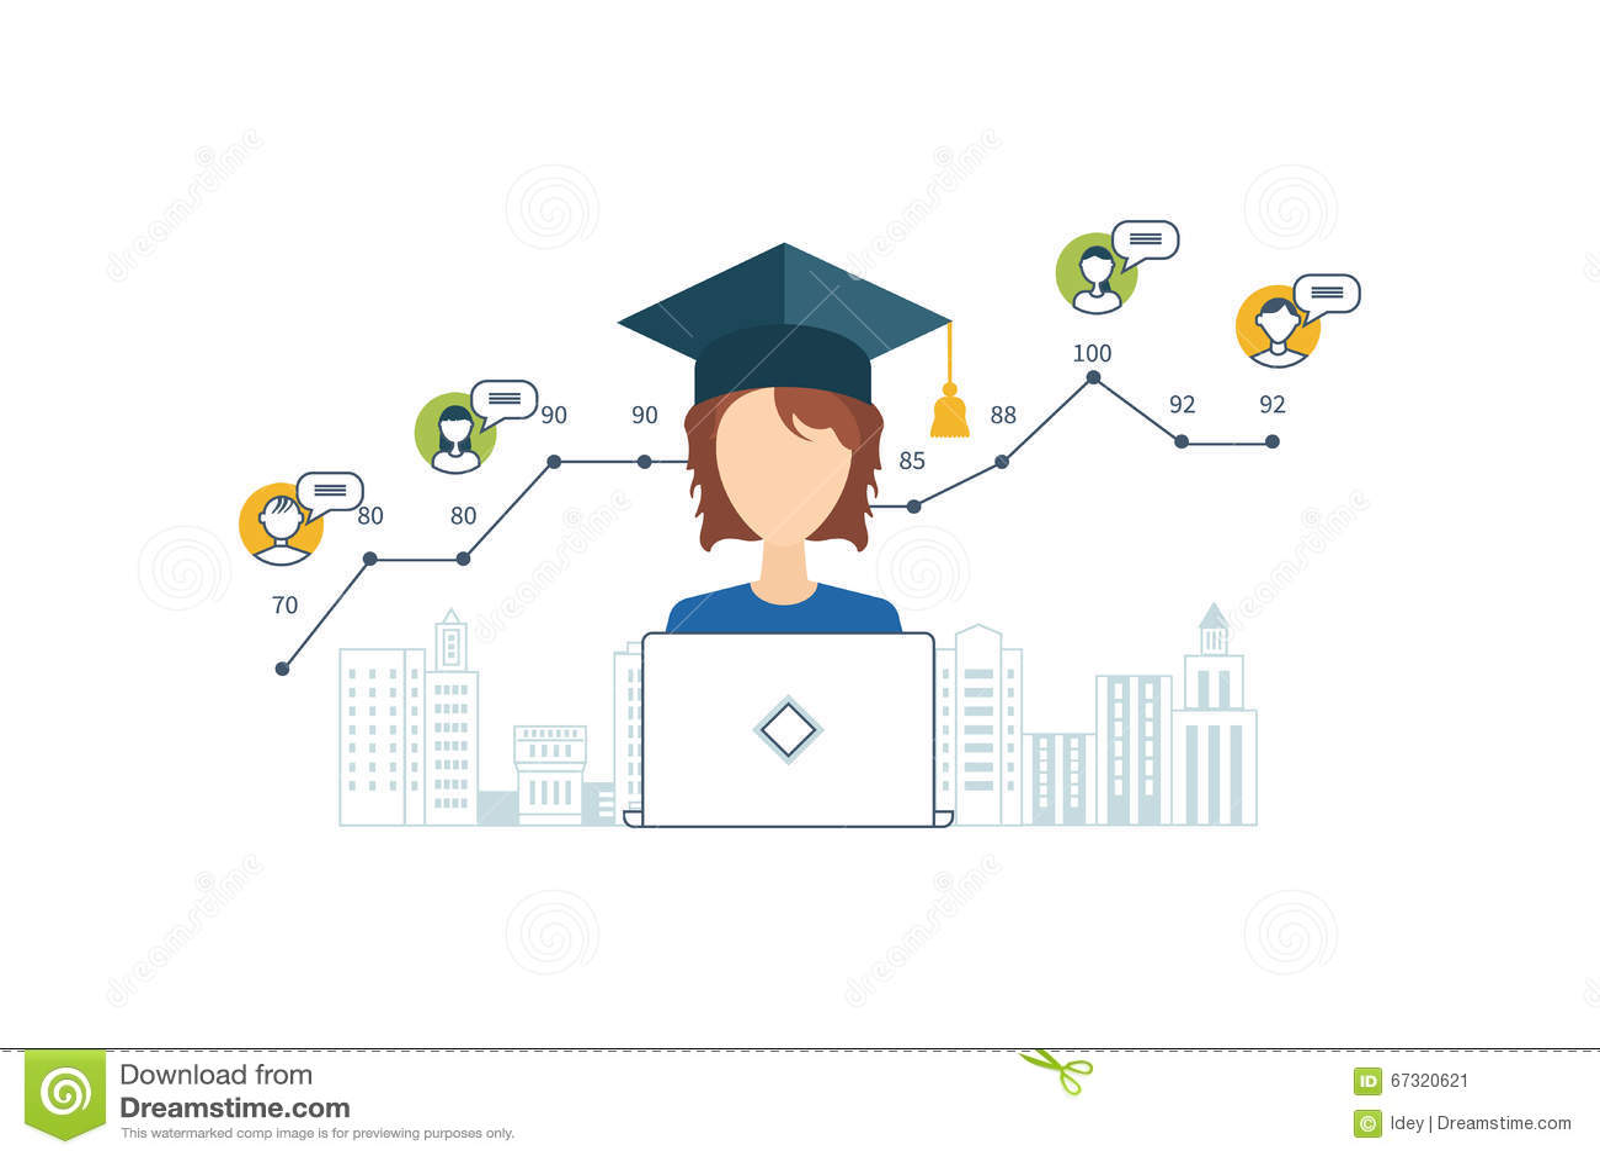 Strategic Project Management online short course